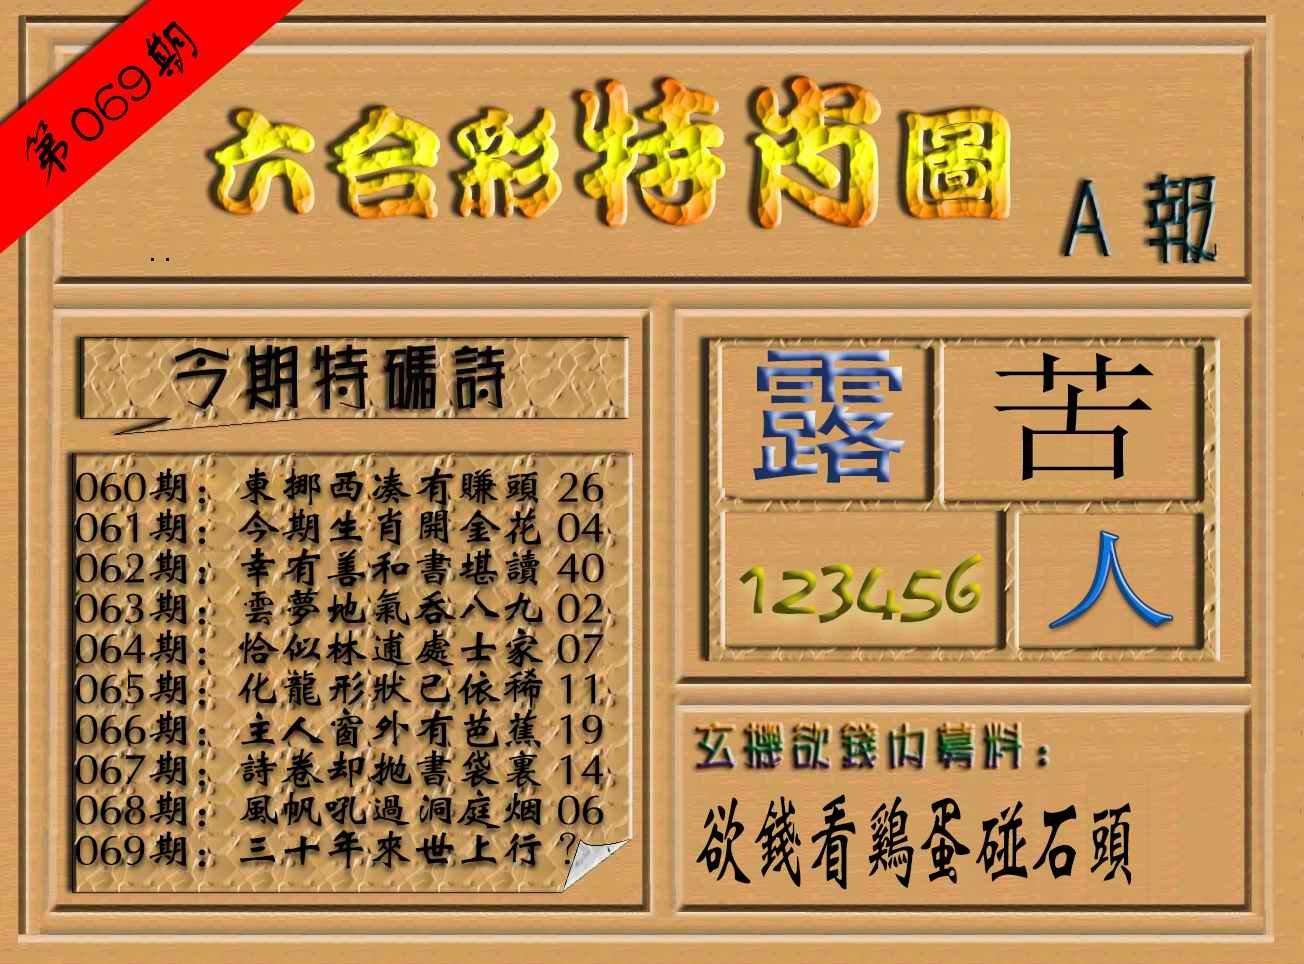 069期六合彩特肖图(A报)